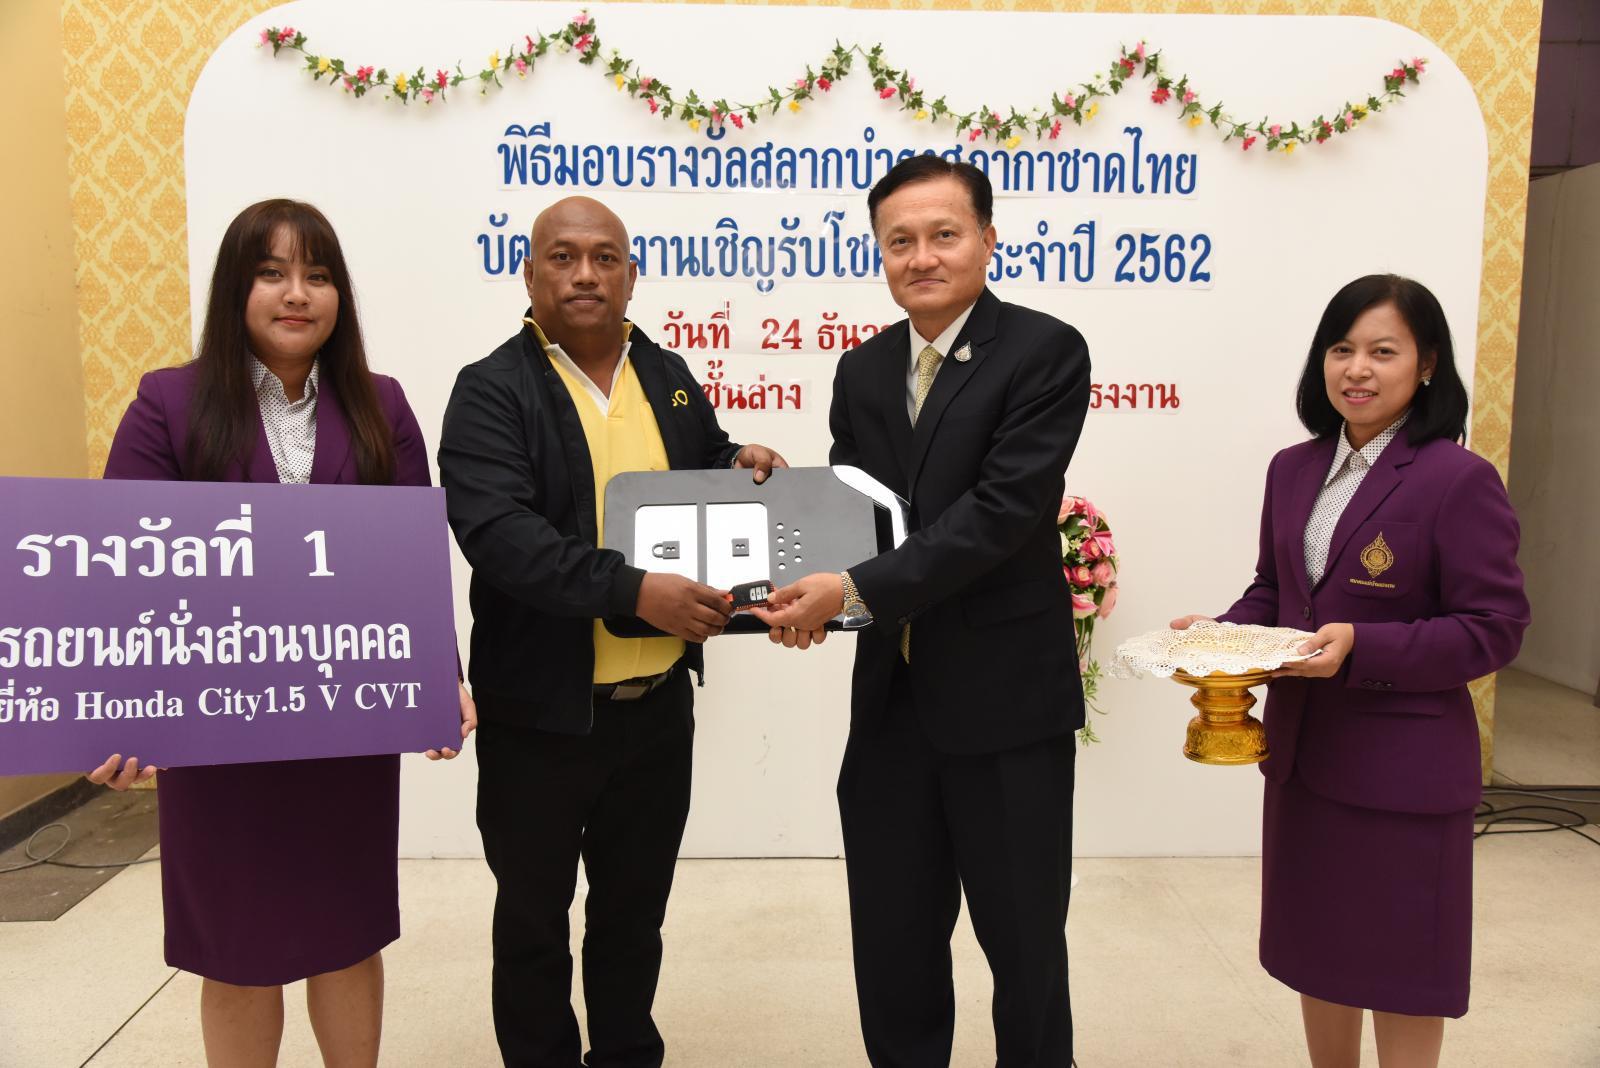 """มอบรางวัลสลากบำรุงกาชาดไทย """"บัตรแรงงานเชิญรับโชค"""" ปี 2562"""